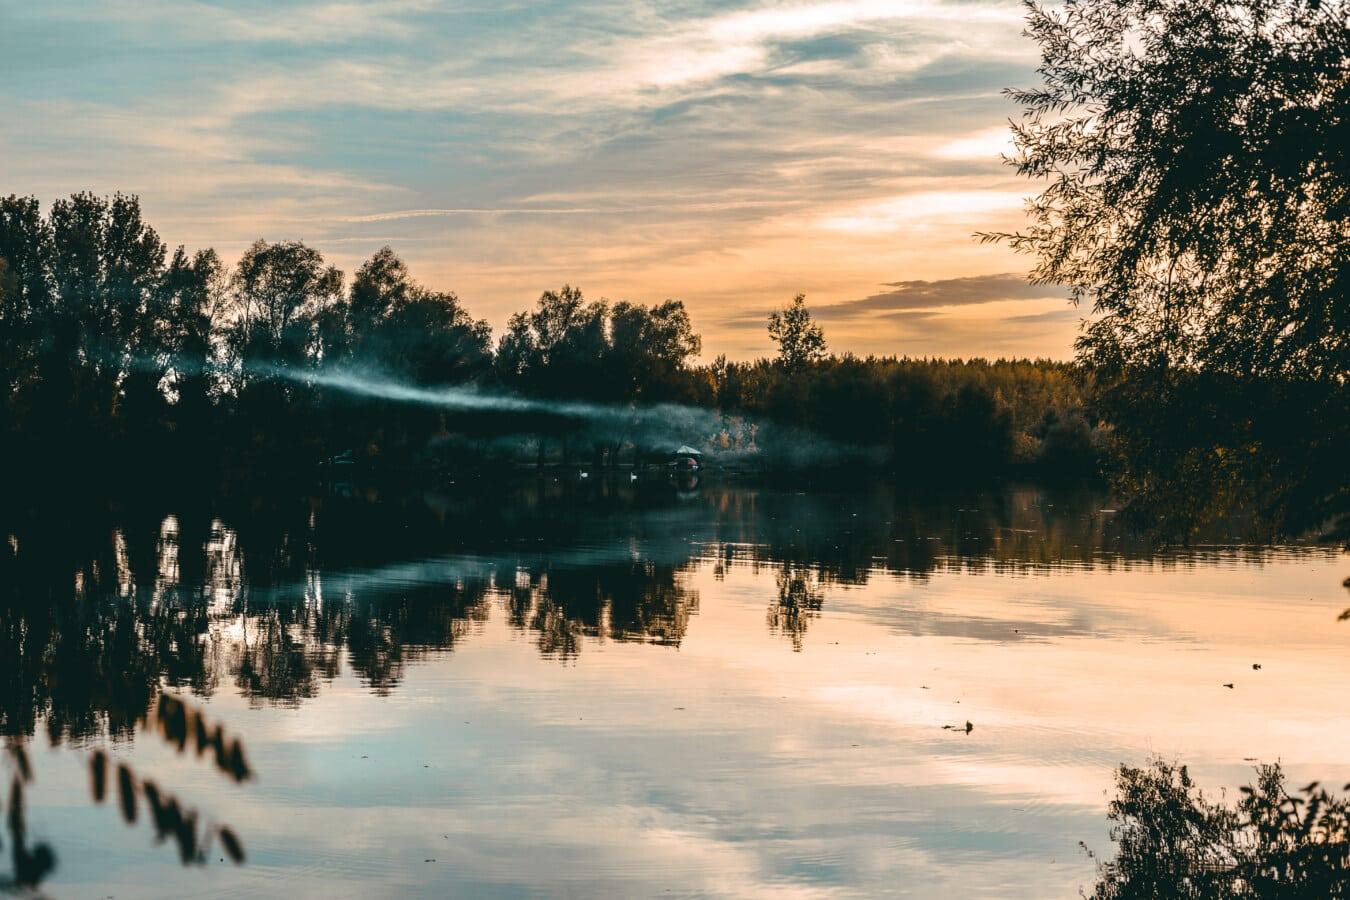 fumée, soirée, au bord du lac, beau temps, atmosphère, réflexion, coucher de soleil, Lac, aube, paysage